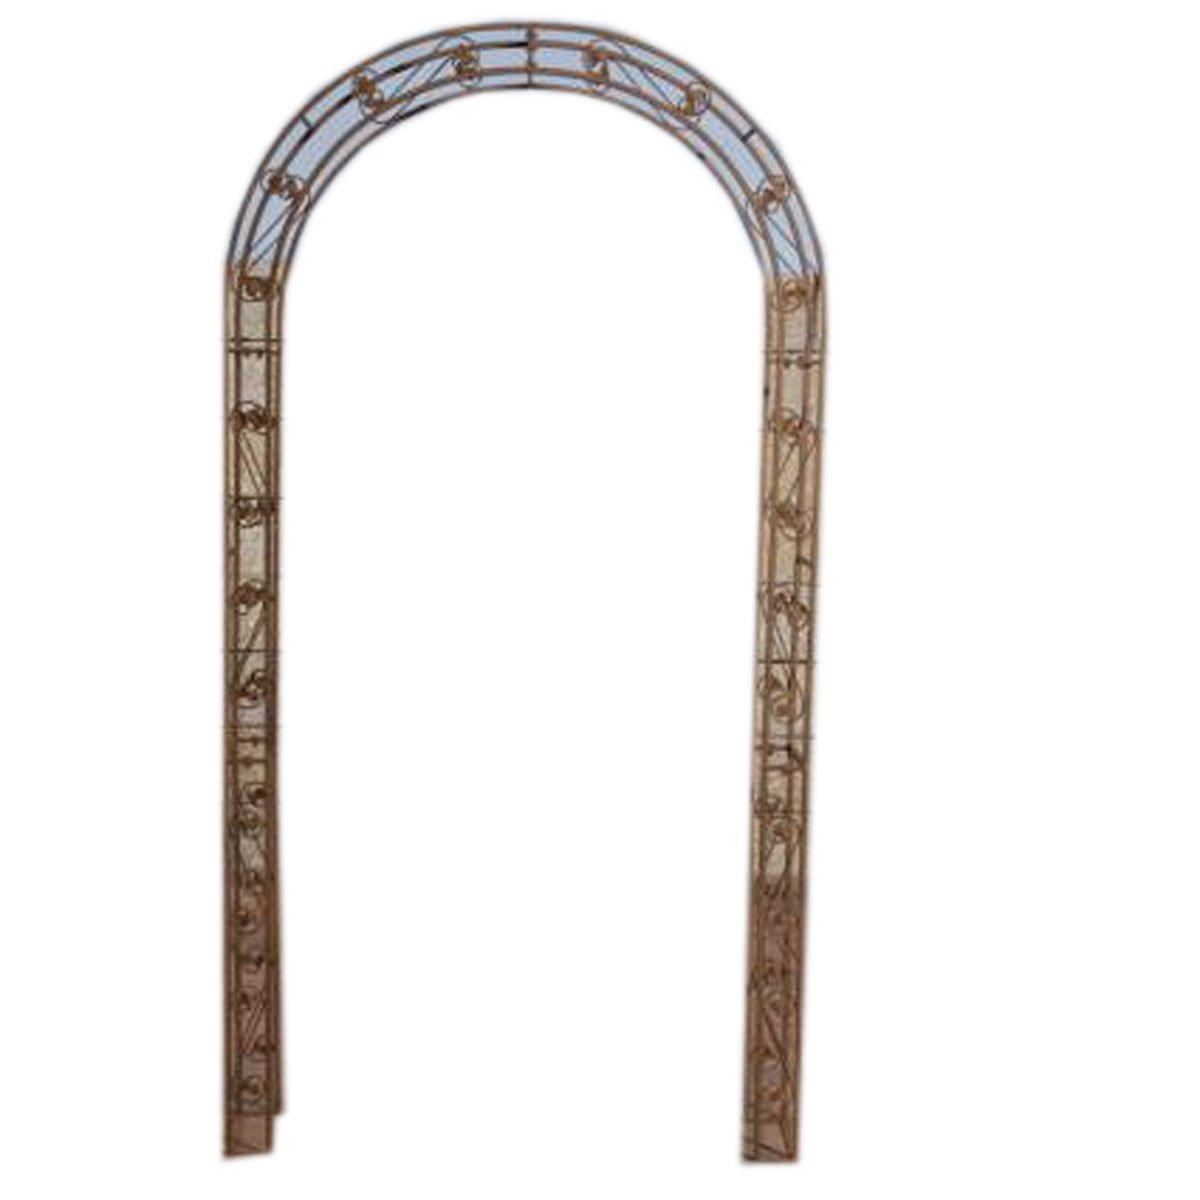 Arco met lico para jard n rose marr n 236x125 cm arco for Cobertizo metalico jardin